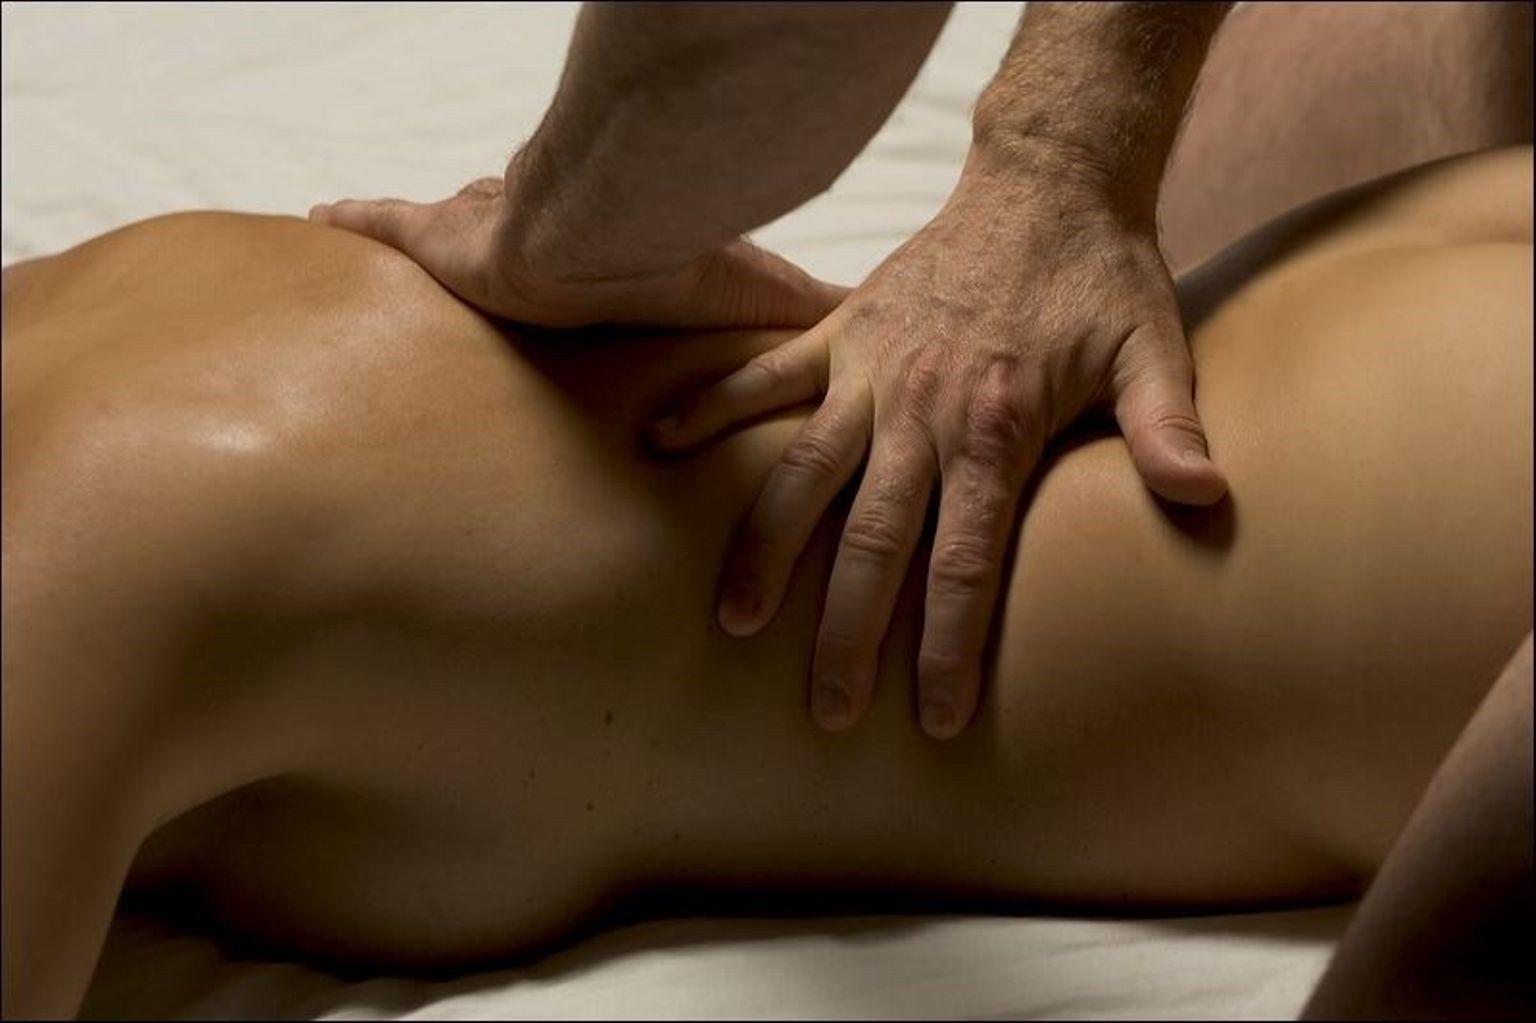 Тантрический массаж техника лучшие модельные агентства украины